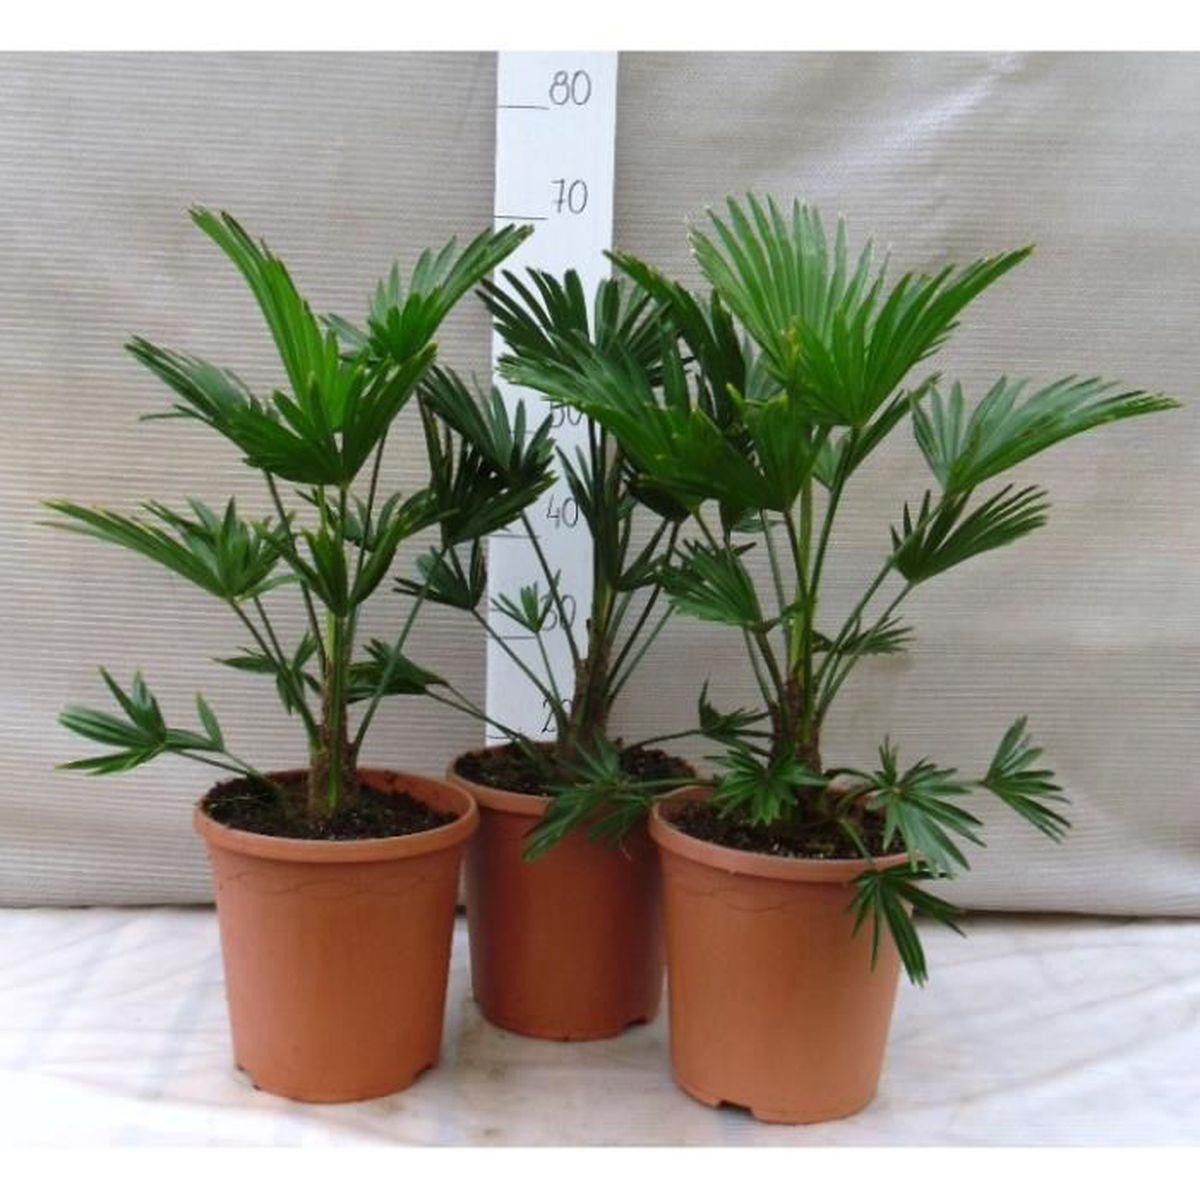 3 pi ces trachycarpus wagnerianus 60 80cm en 23cm pot achat vente arbre buisson 3 pi ces. Black Bedroom Furniture Sets. Home Design Ideas